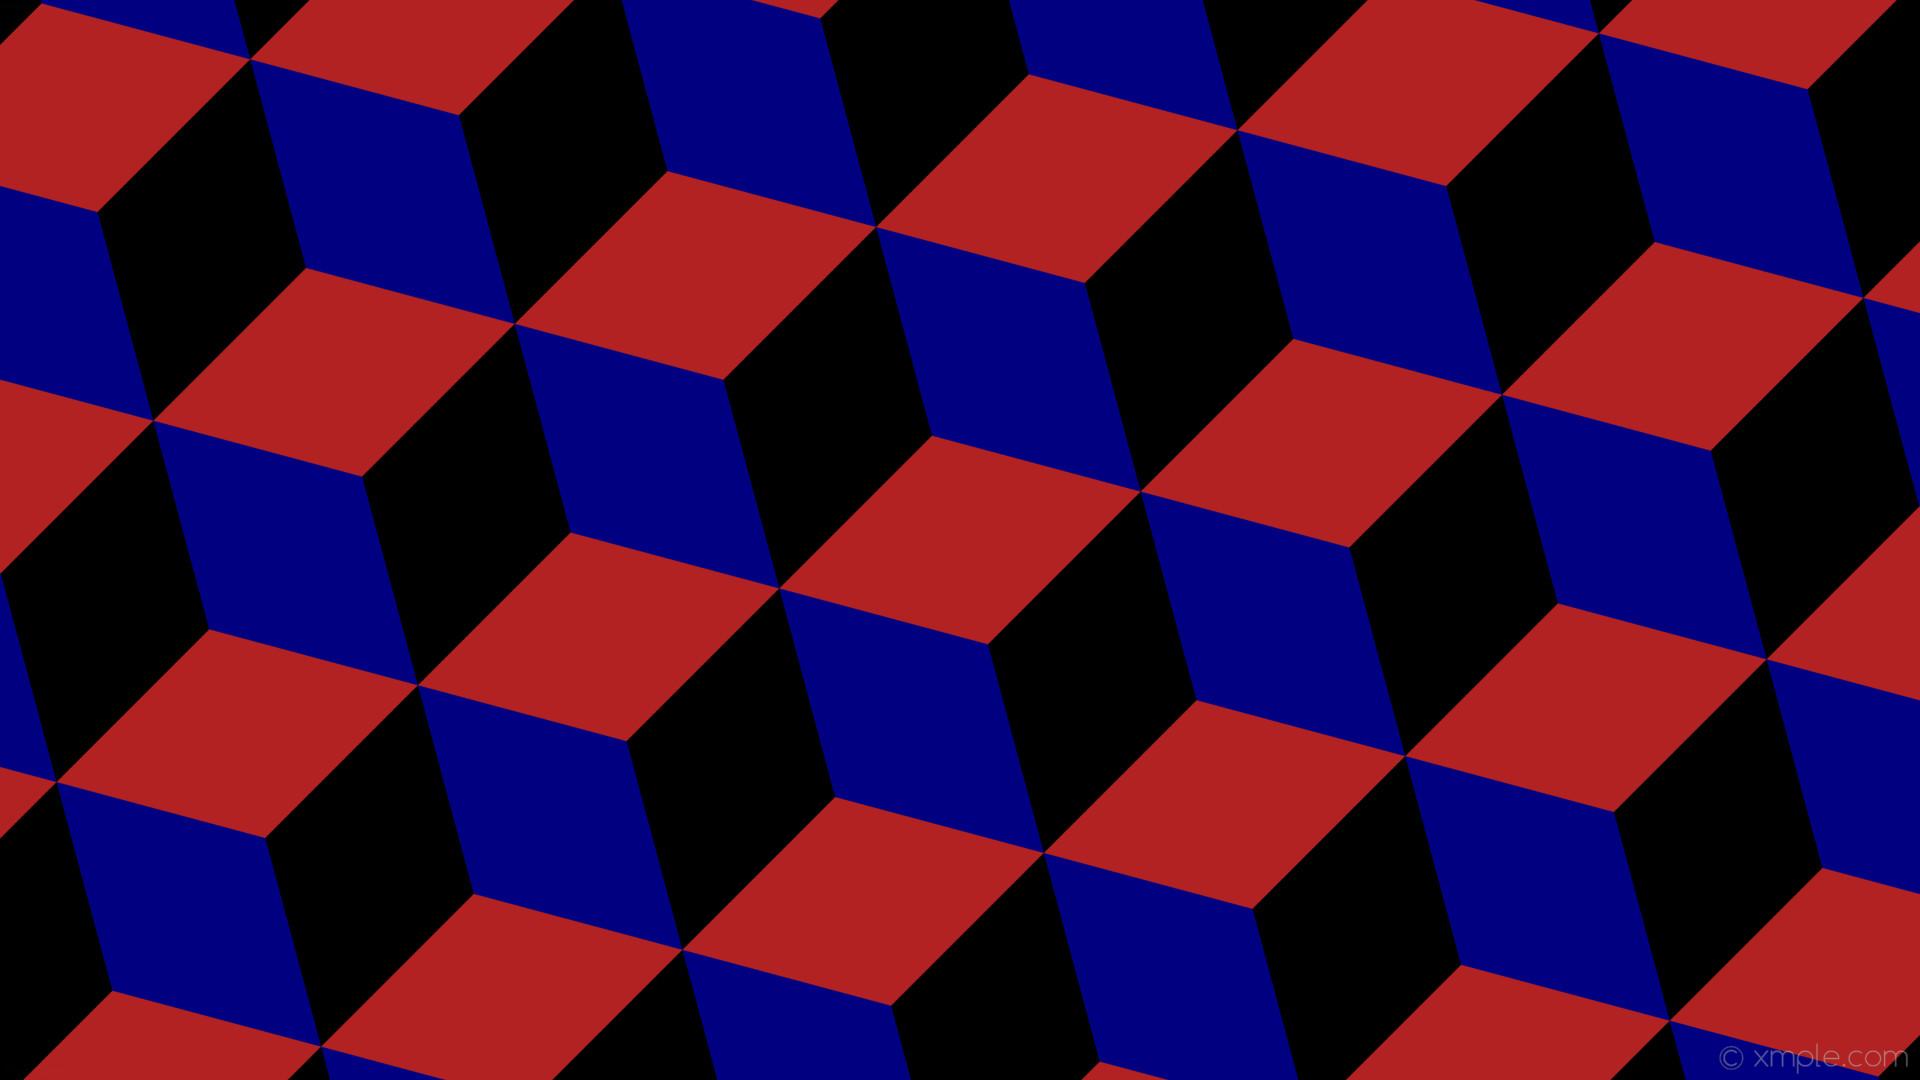 wallpaper blue 3d cubes black red fire brick navy #b22222 #000080 #000000  195